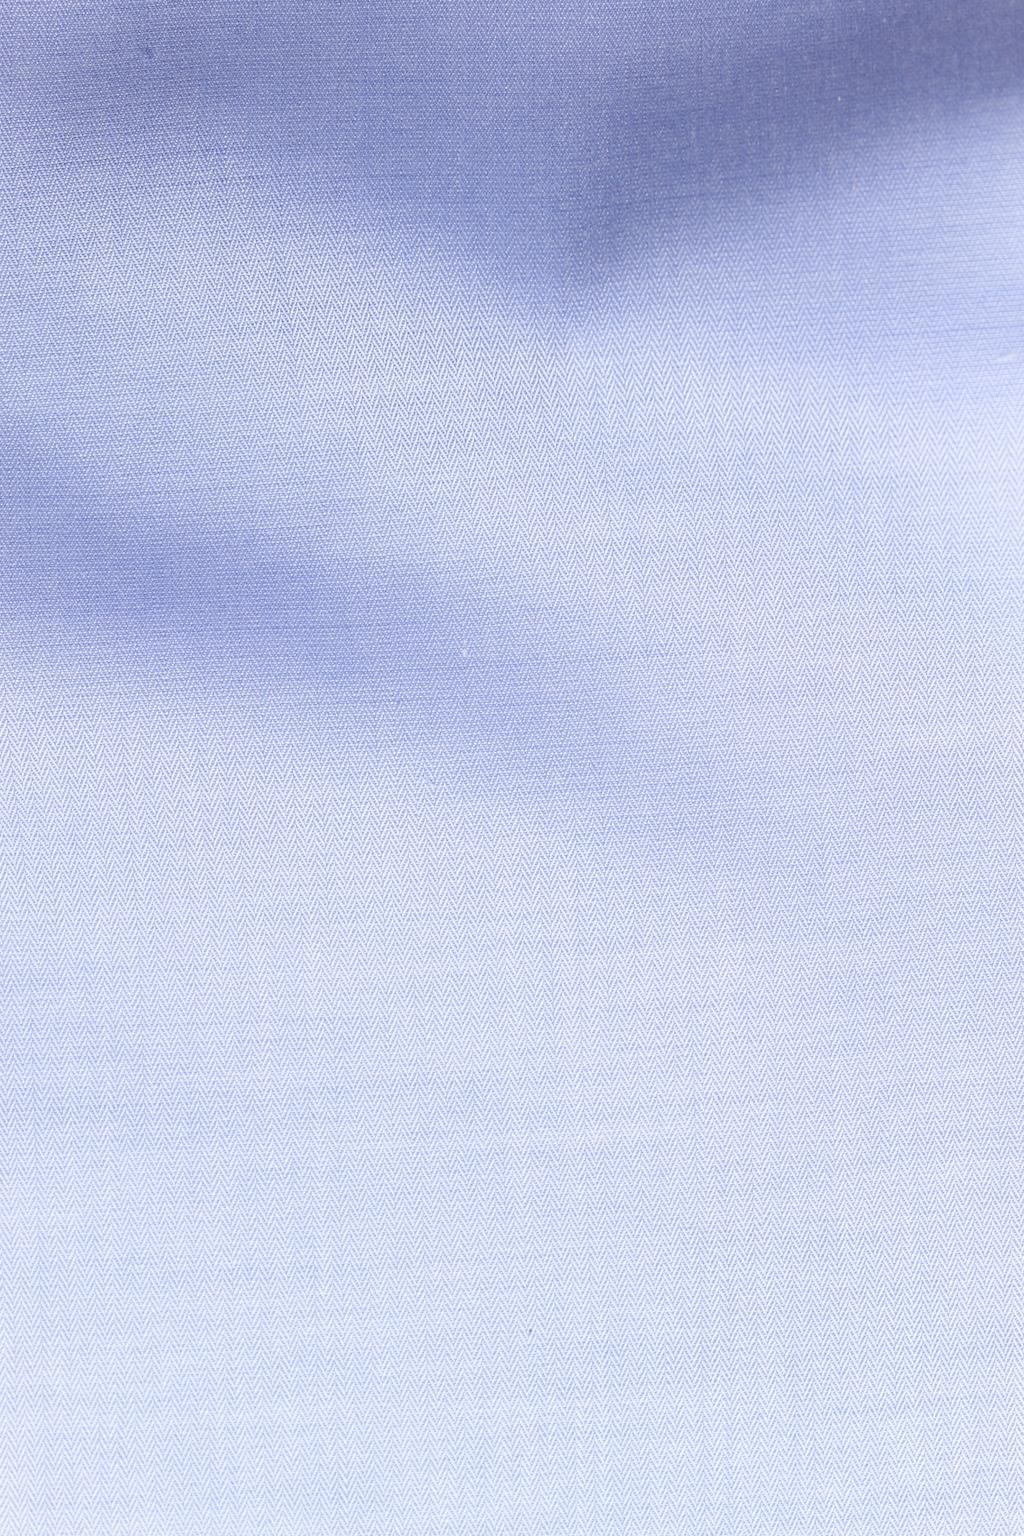 6699 Blue Micro Herringbone.JPG